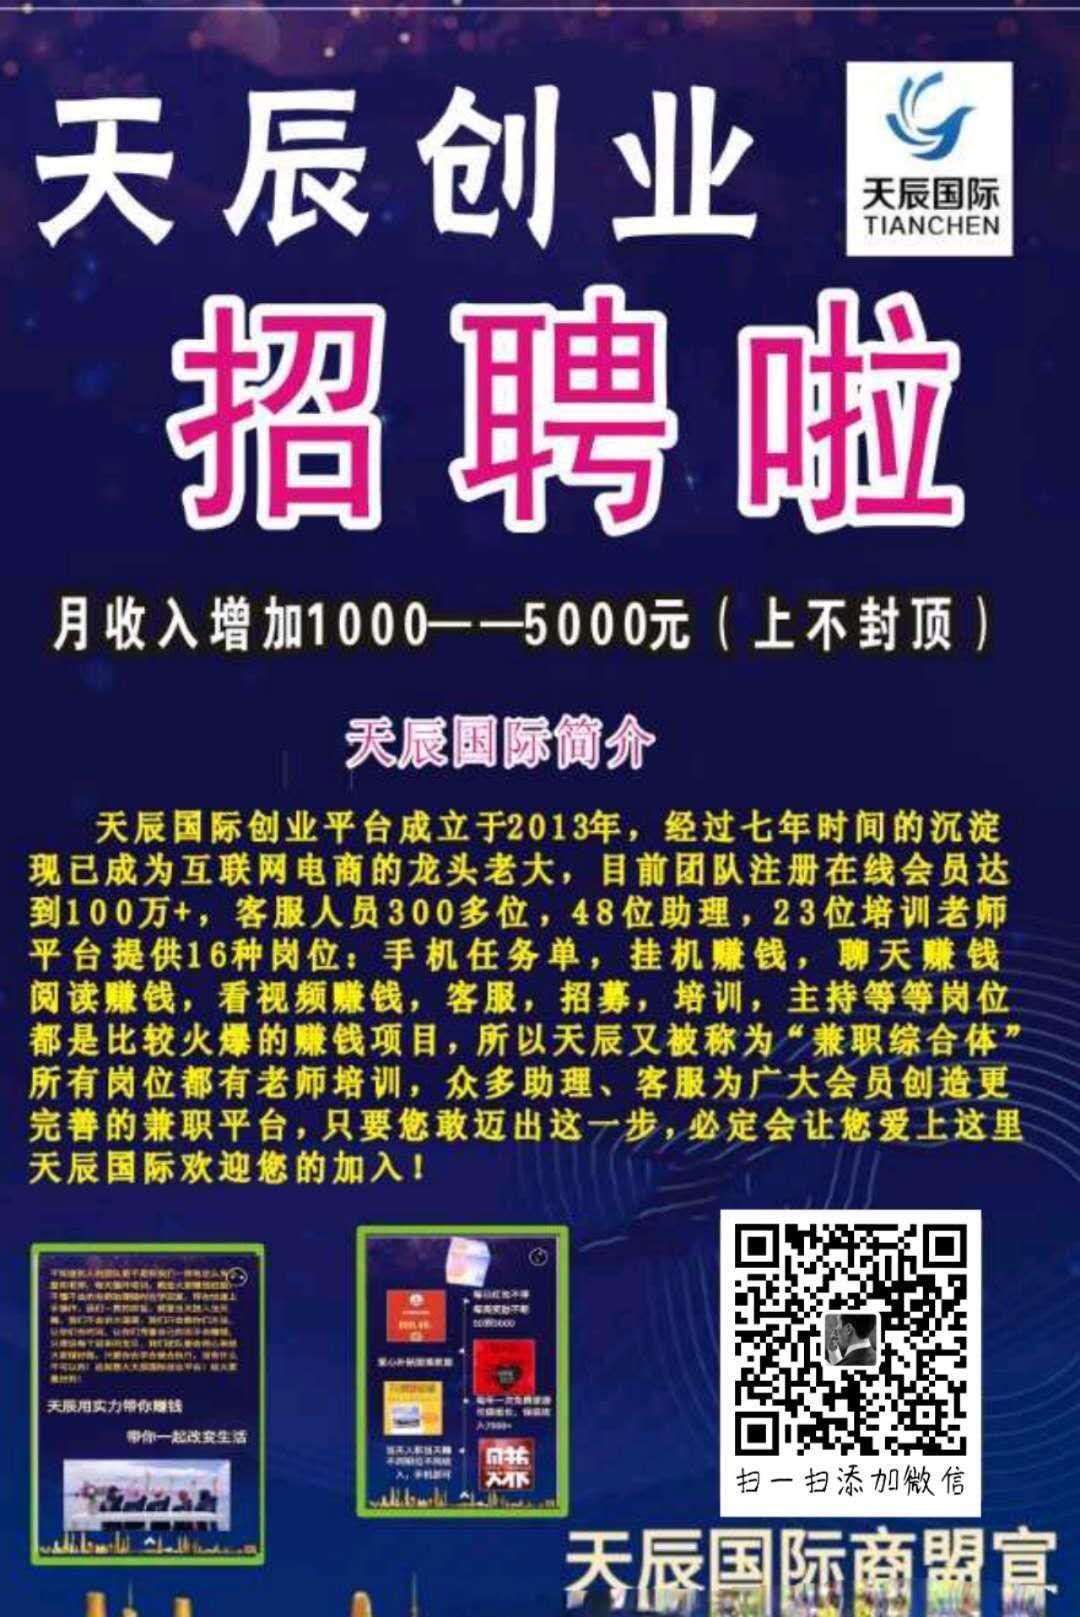 .\..\..\..\..\..\..\AppData\Local\Temp\WeChat Files\a232bcc3e90cf773fc7b63d5a0c263bd_.jpg